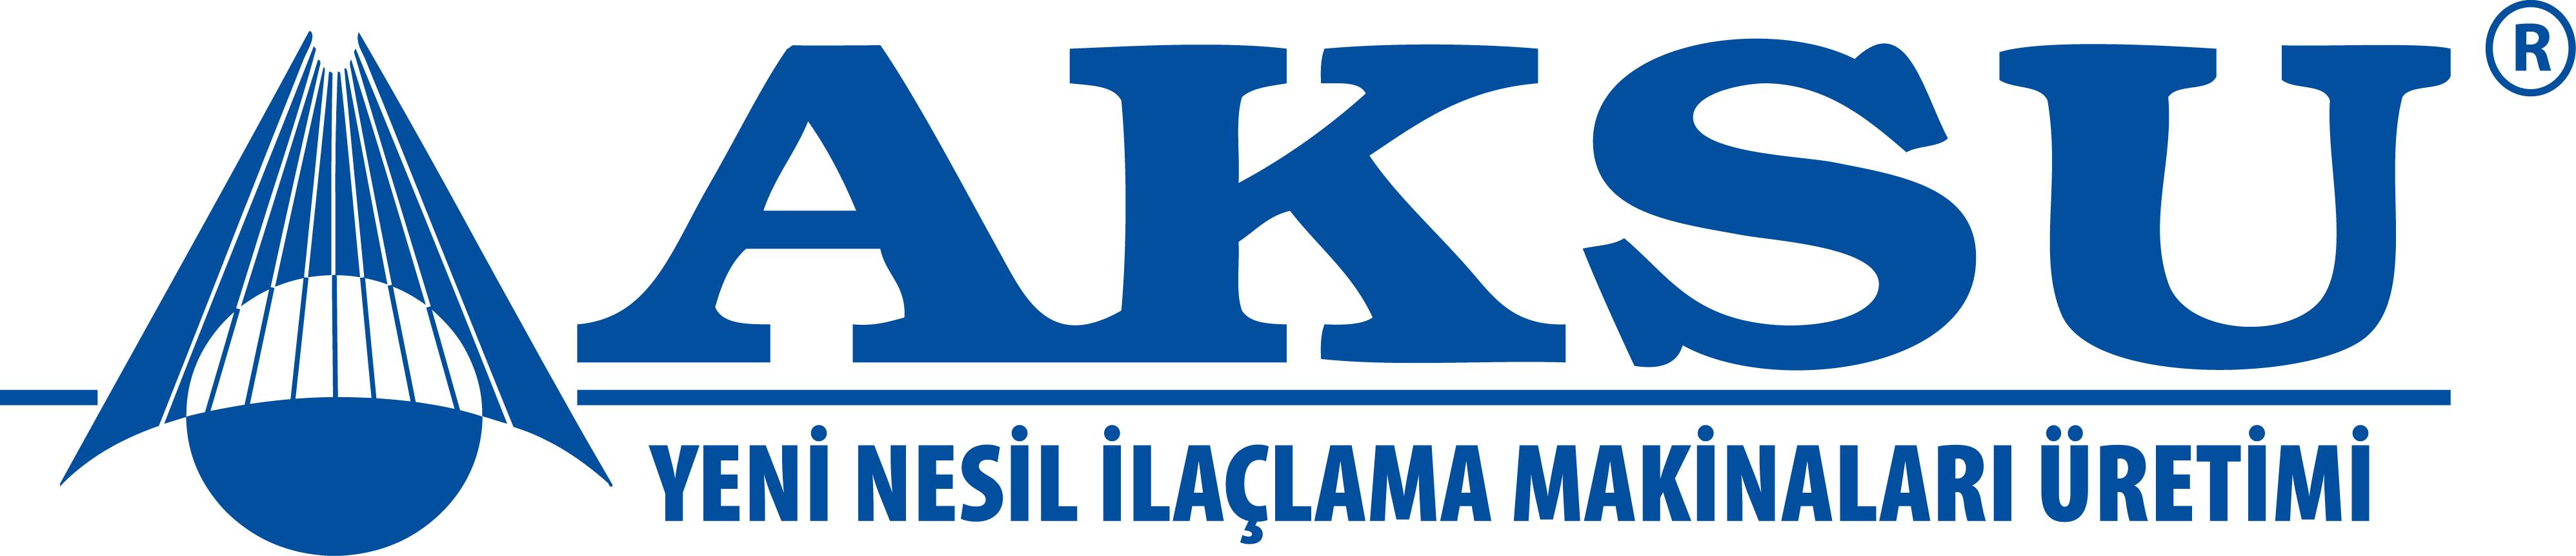 Aksu logo 2